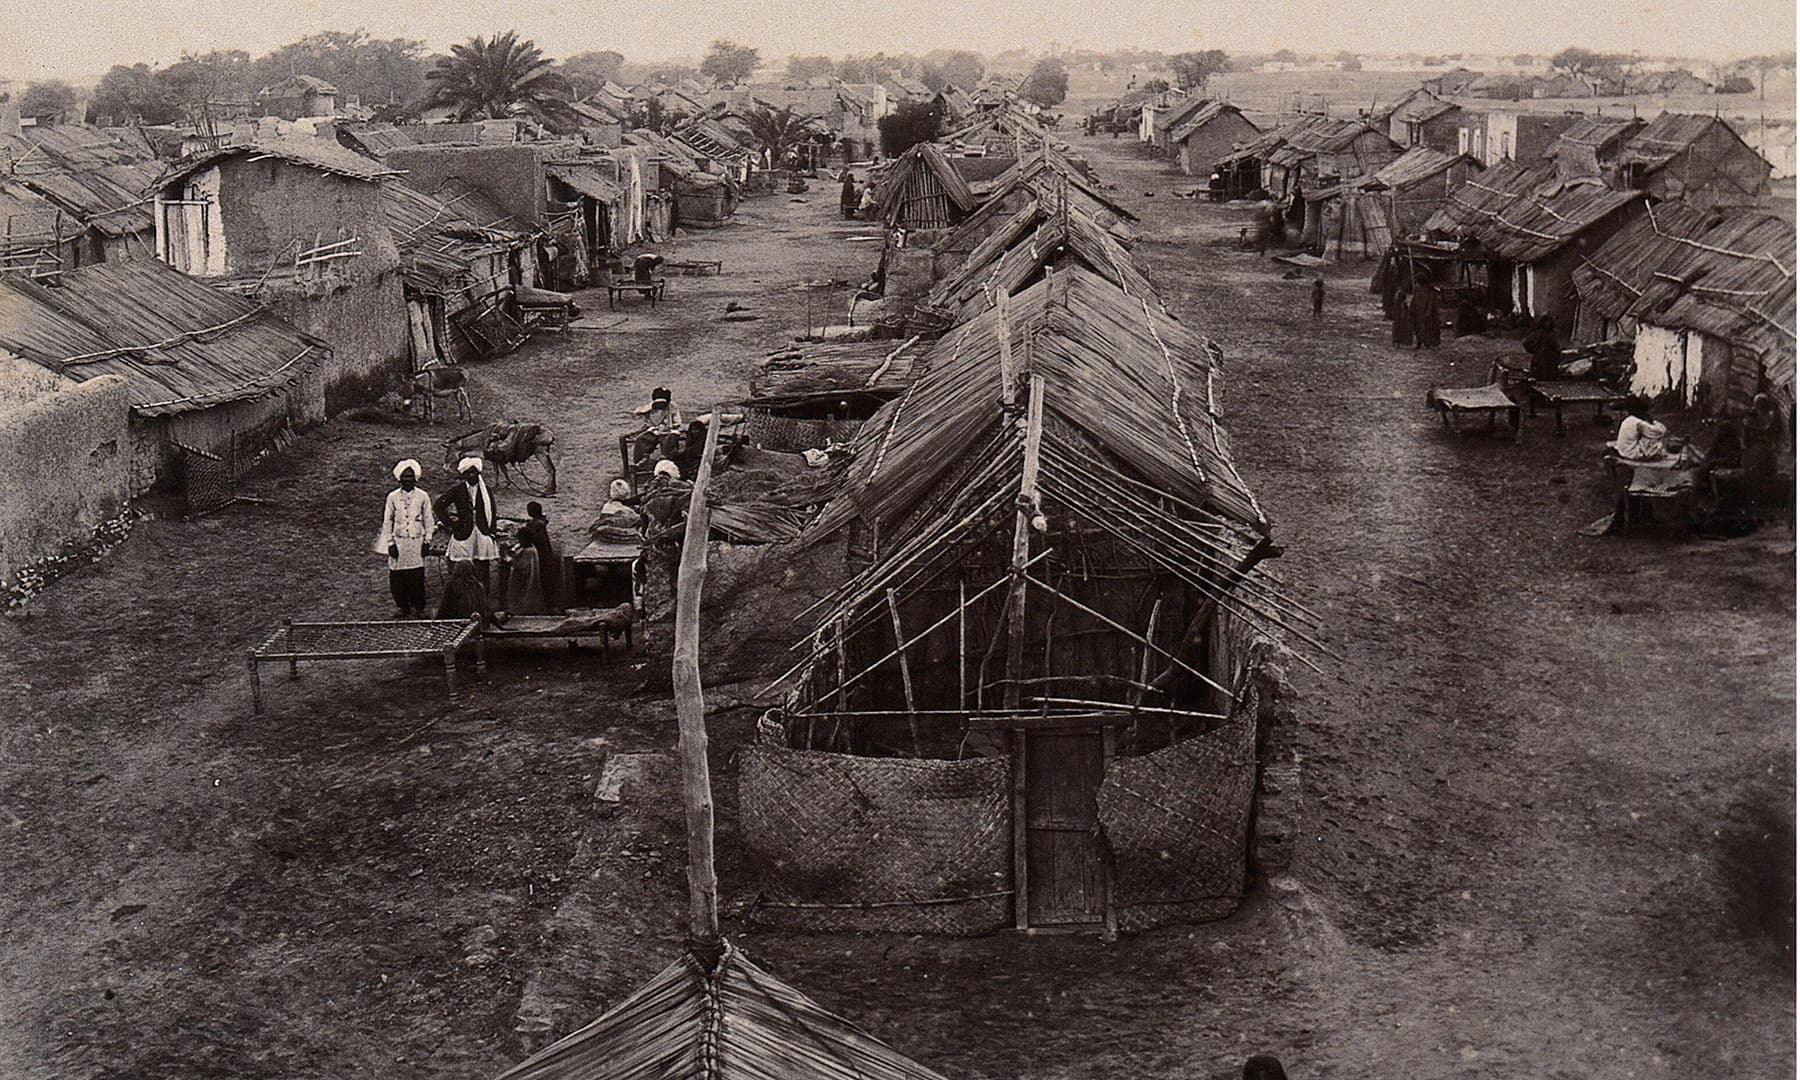 کراچی میں واقع ماہی گیروں کی بستی (1897ء)